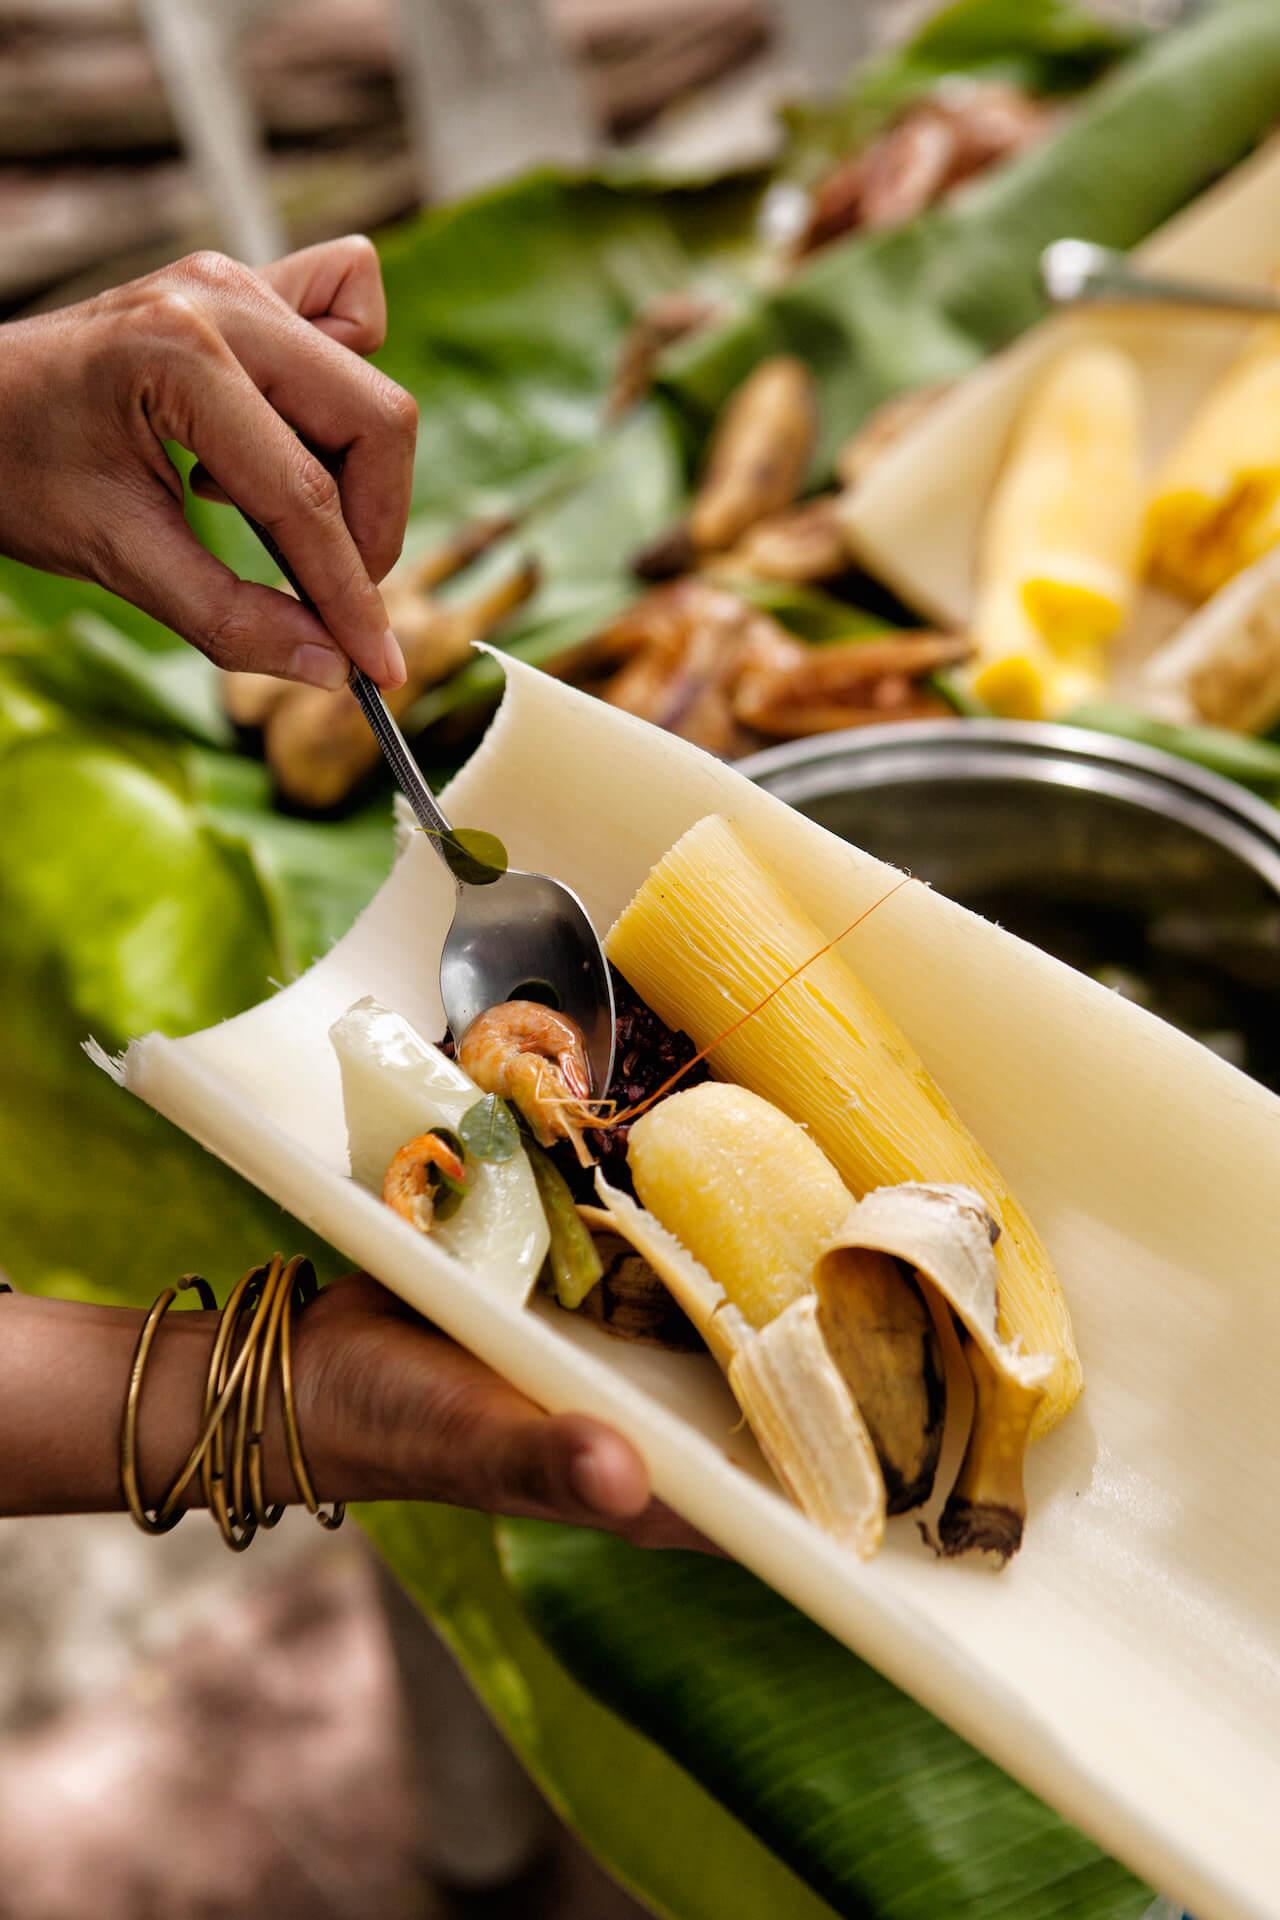 Shrimp and saba banana served on a bamboo plate